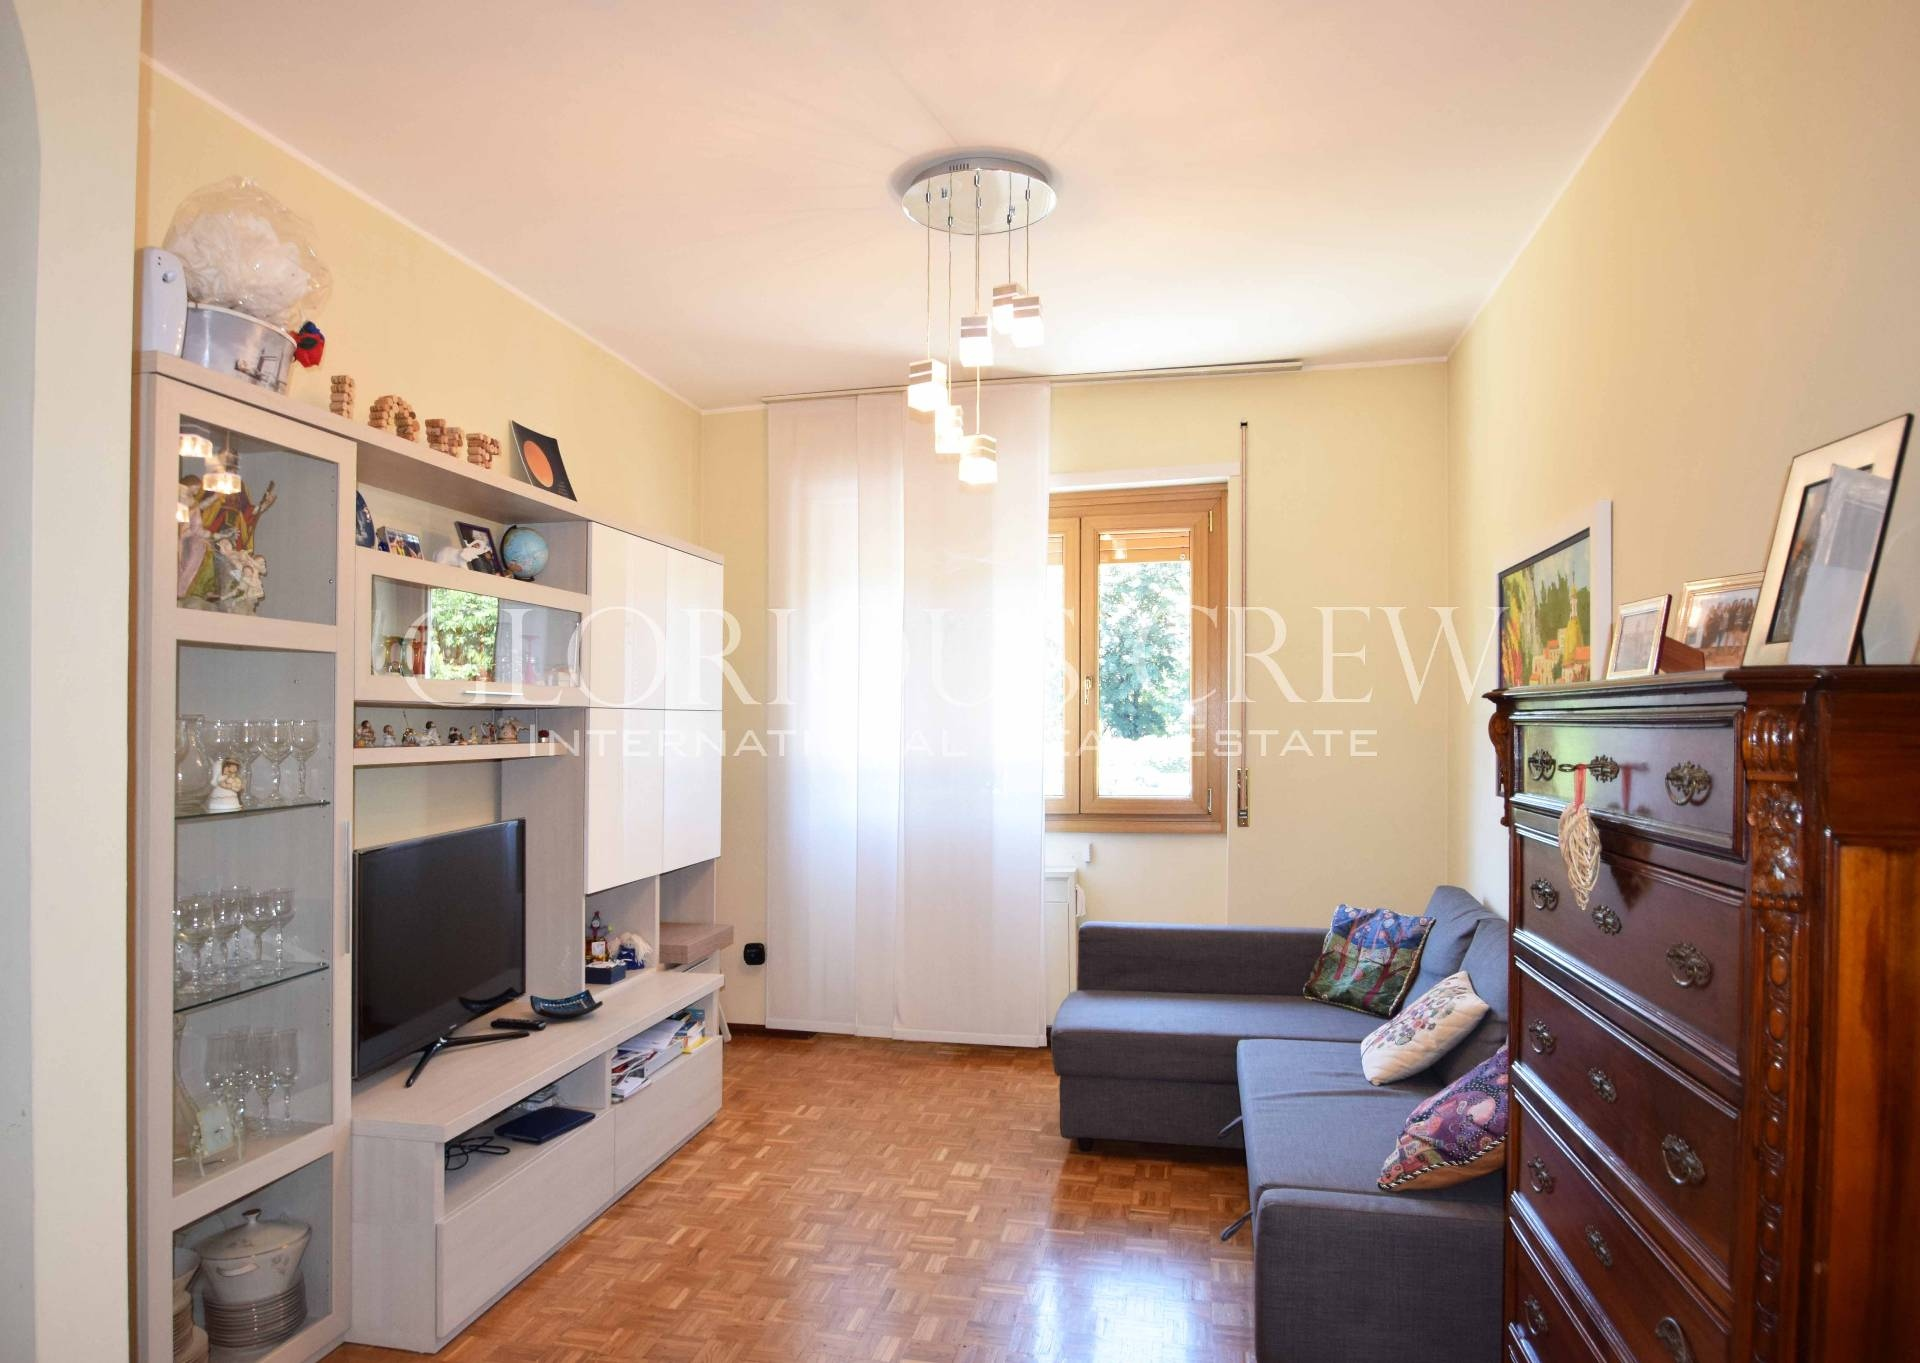 Appartamento in Vendita a Milano 30 Niguarda / Bovisasca / Testi / Bruzzano / Affori / Comasina: 3 locali, 100 mq